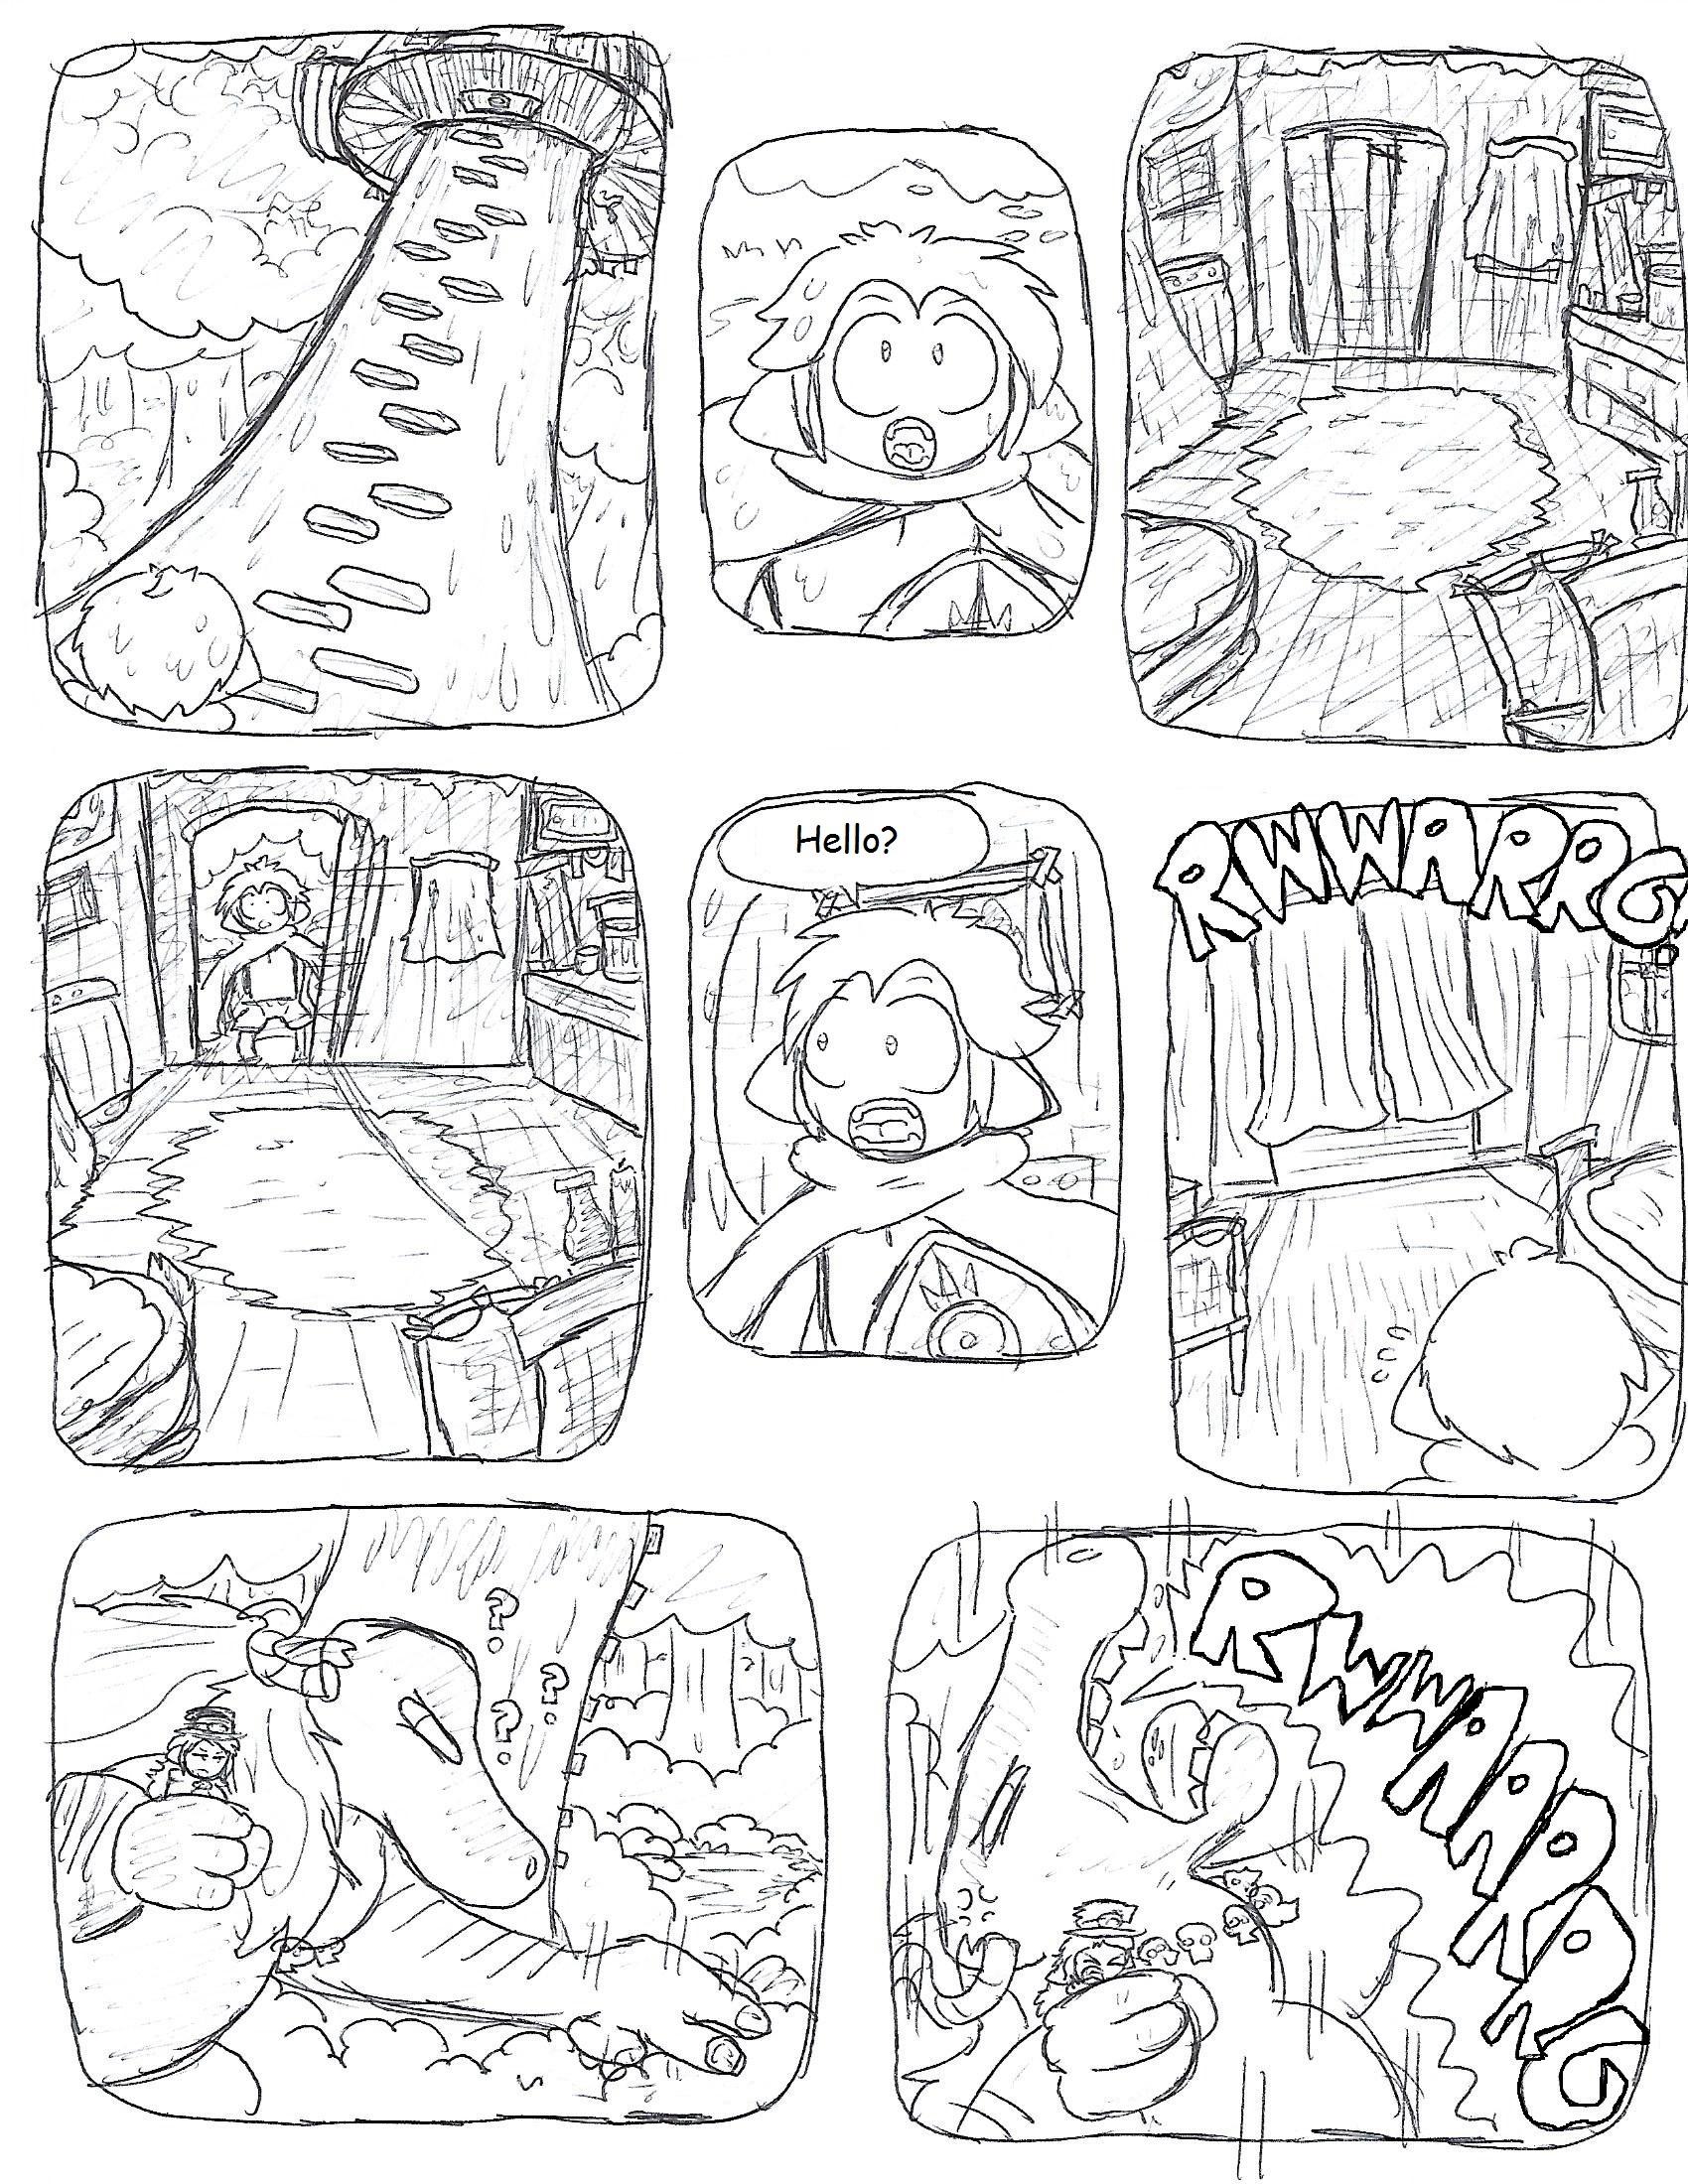 COV3 Page 65